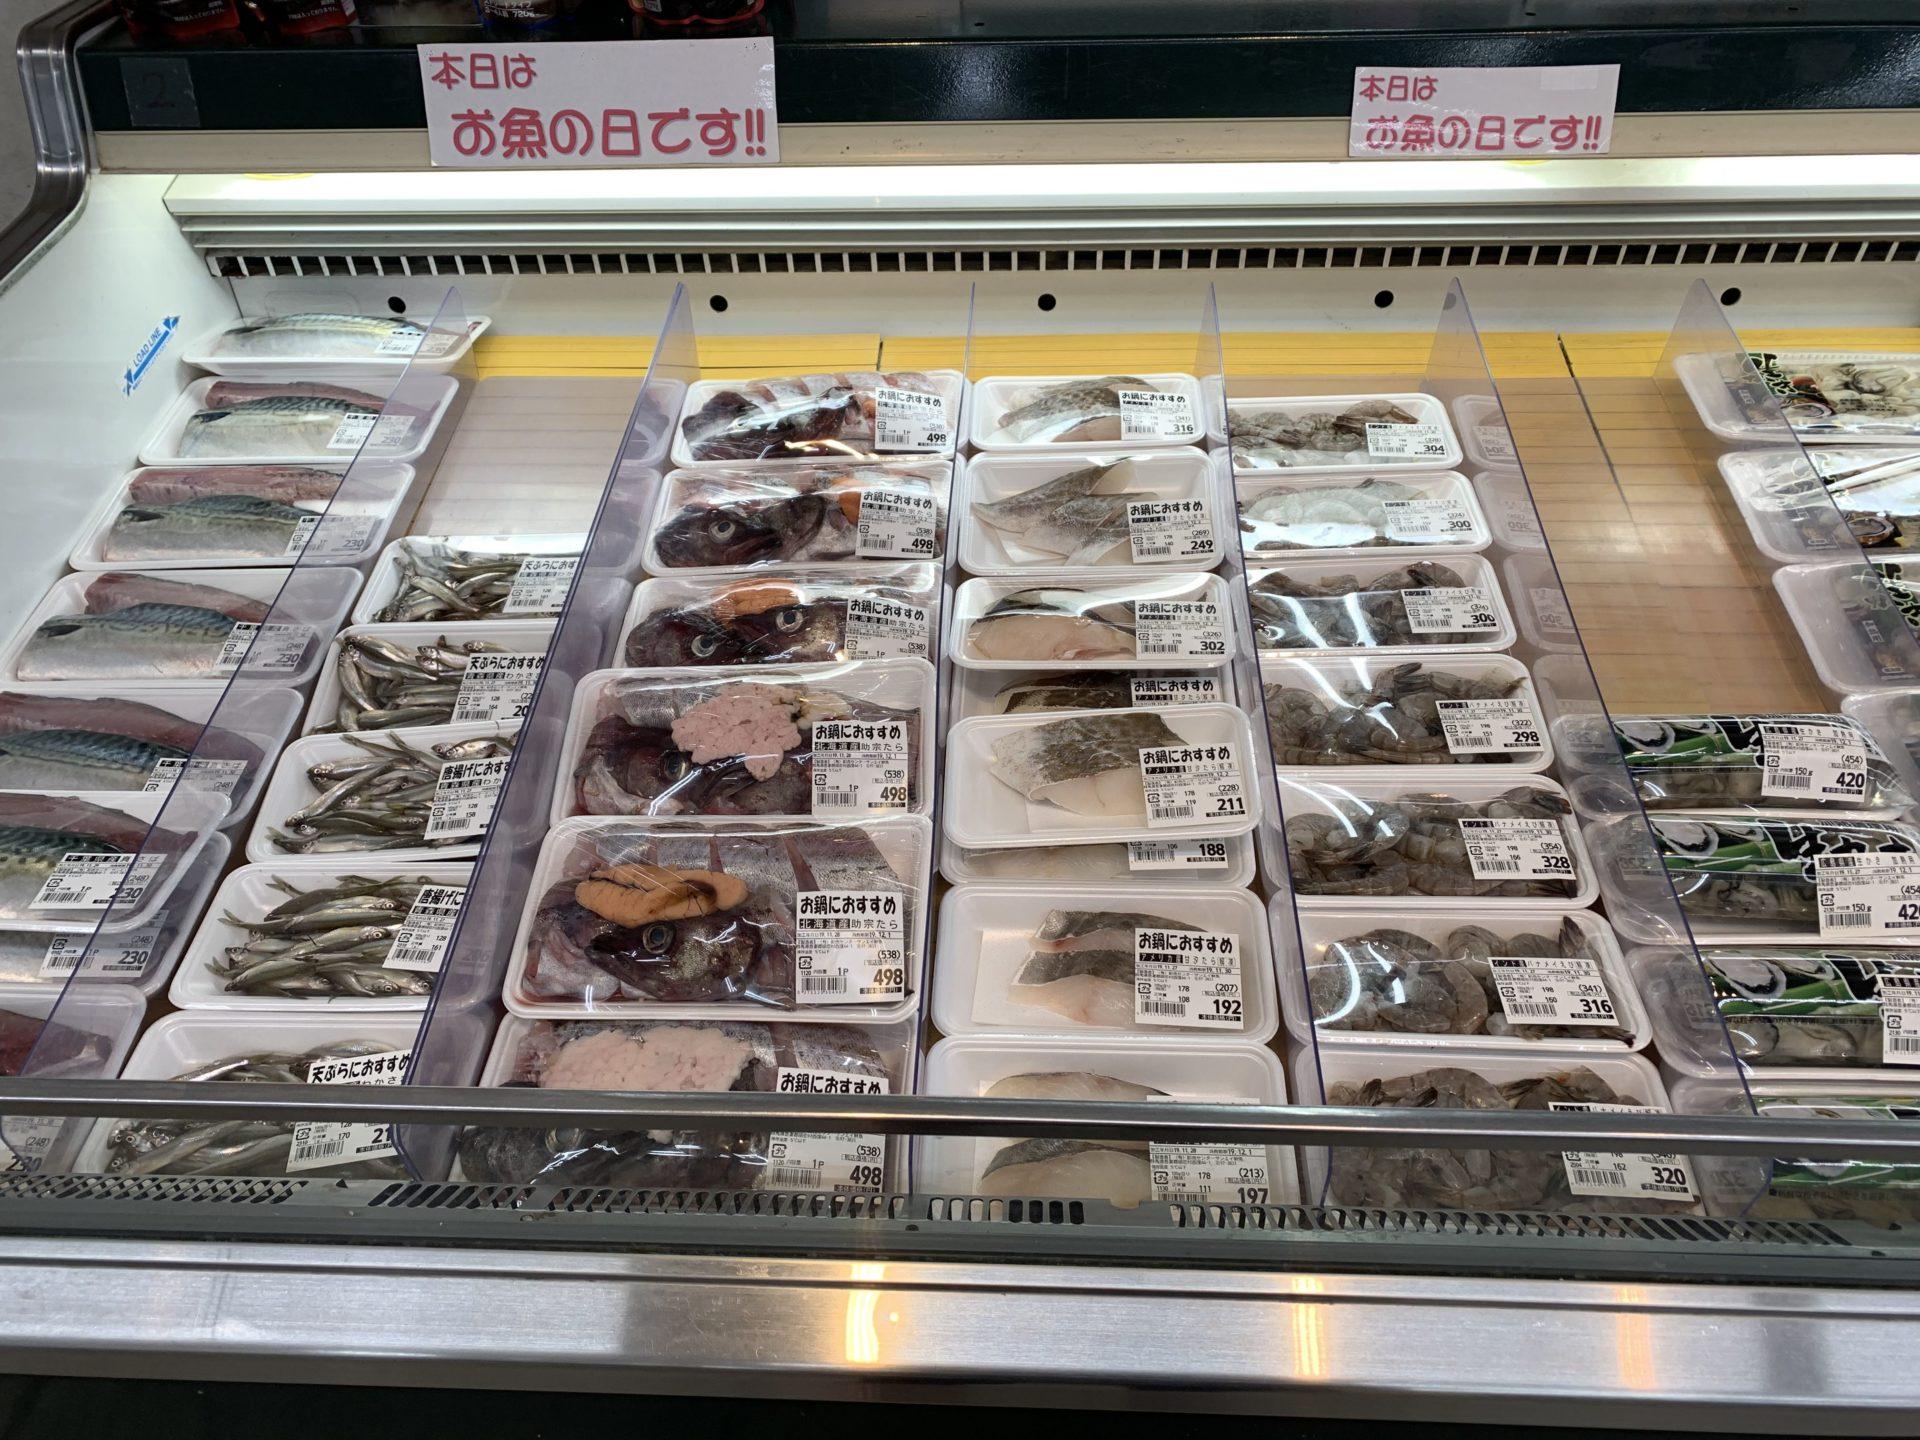 卸売センター「サンエイ」店内の鮮魚コーナー、鍋に合うお魚類